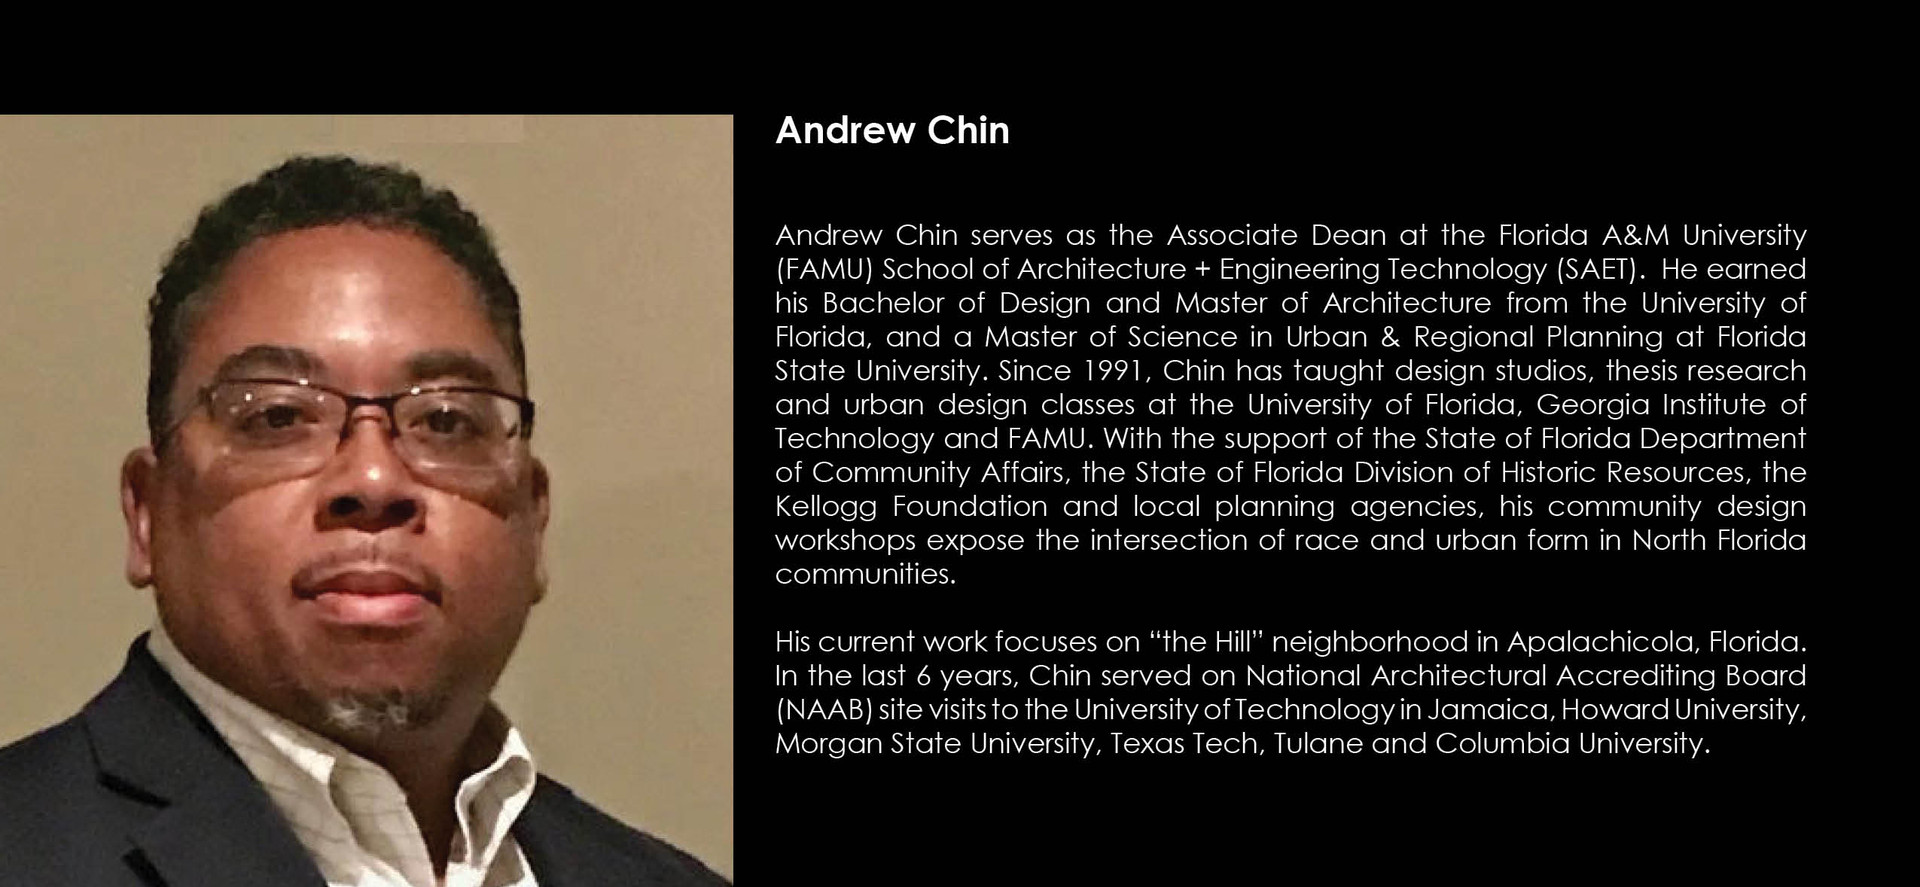 Andrew Chin